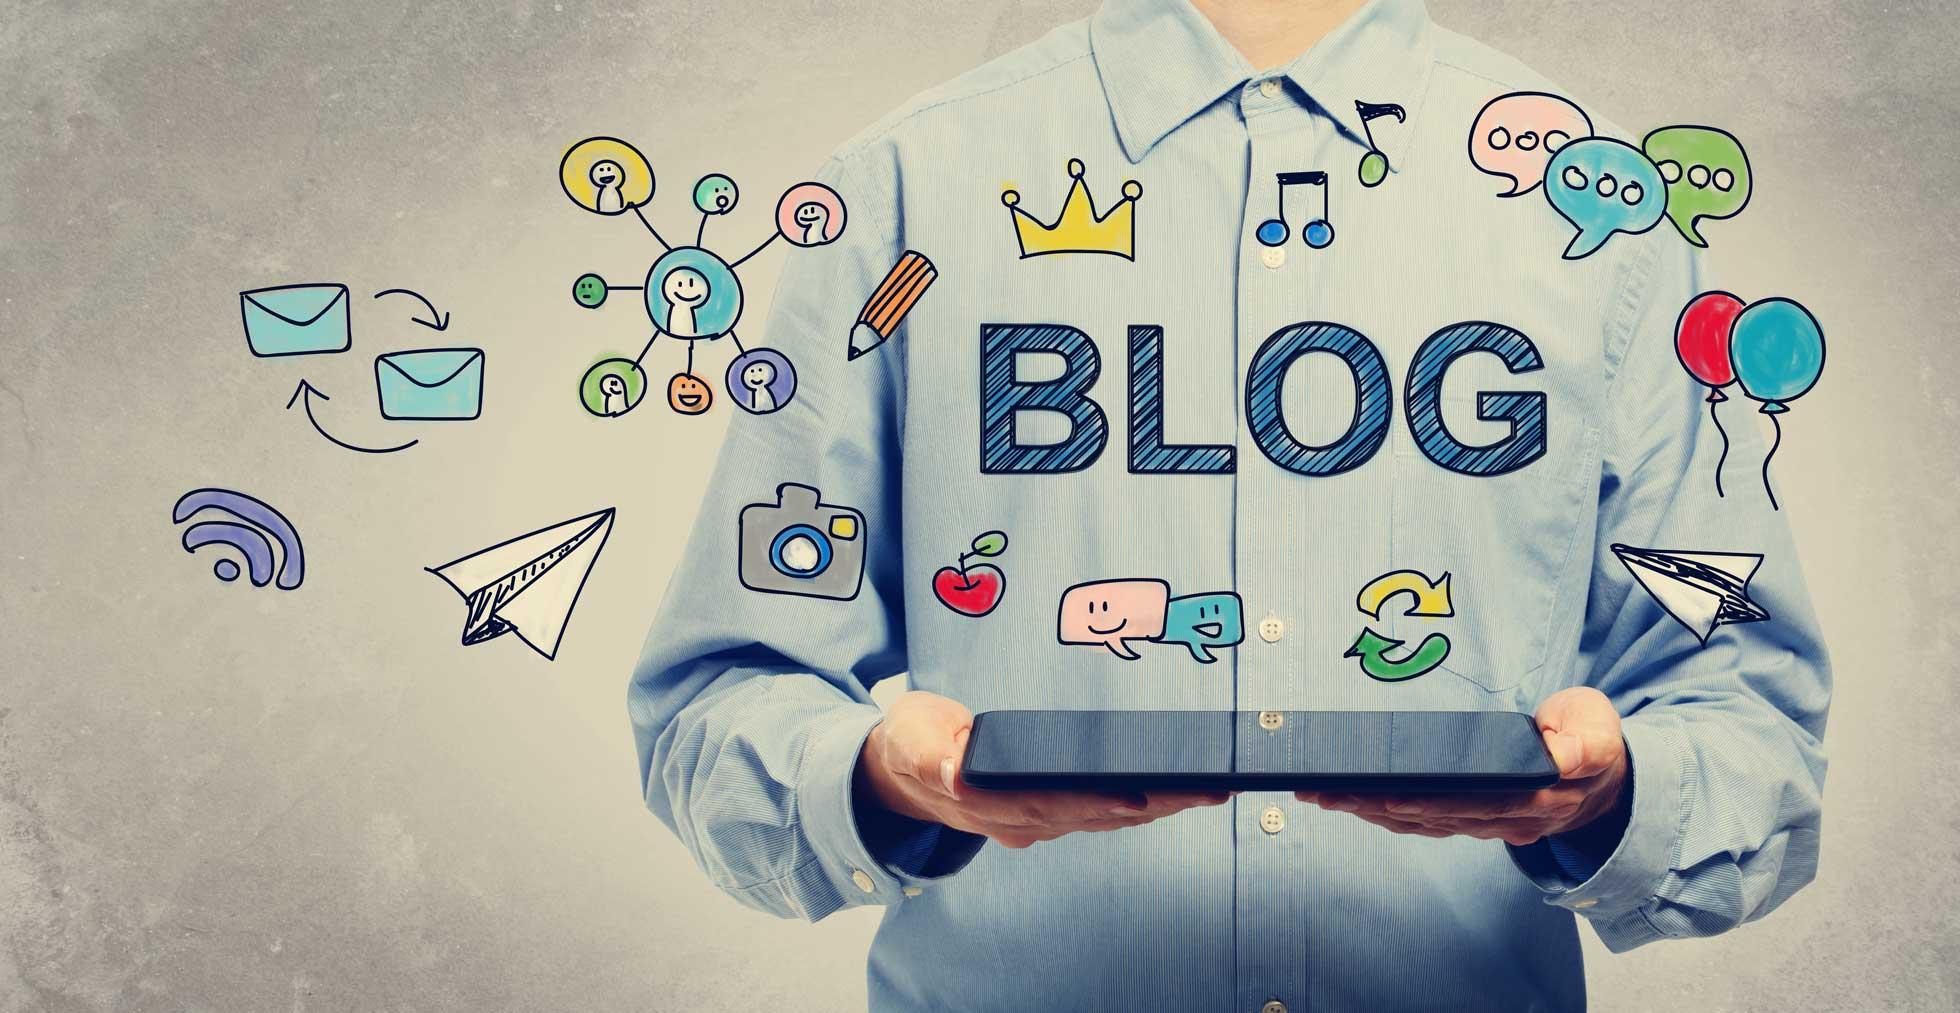 blogging.png